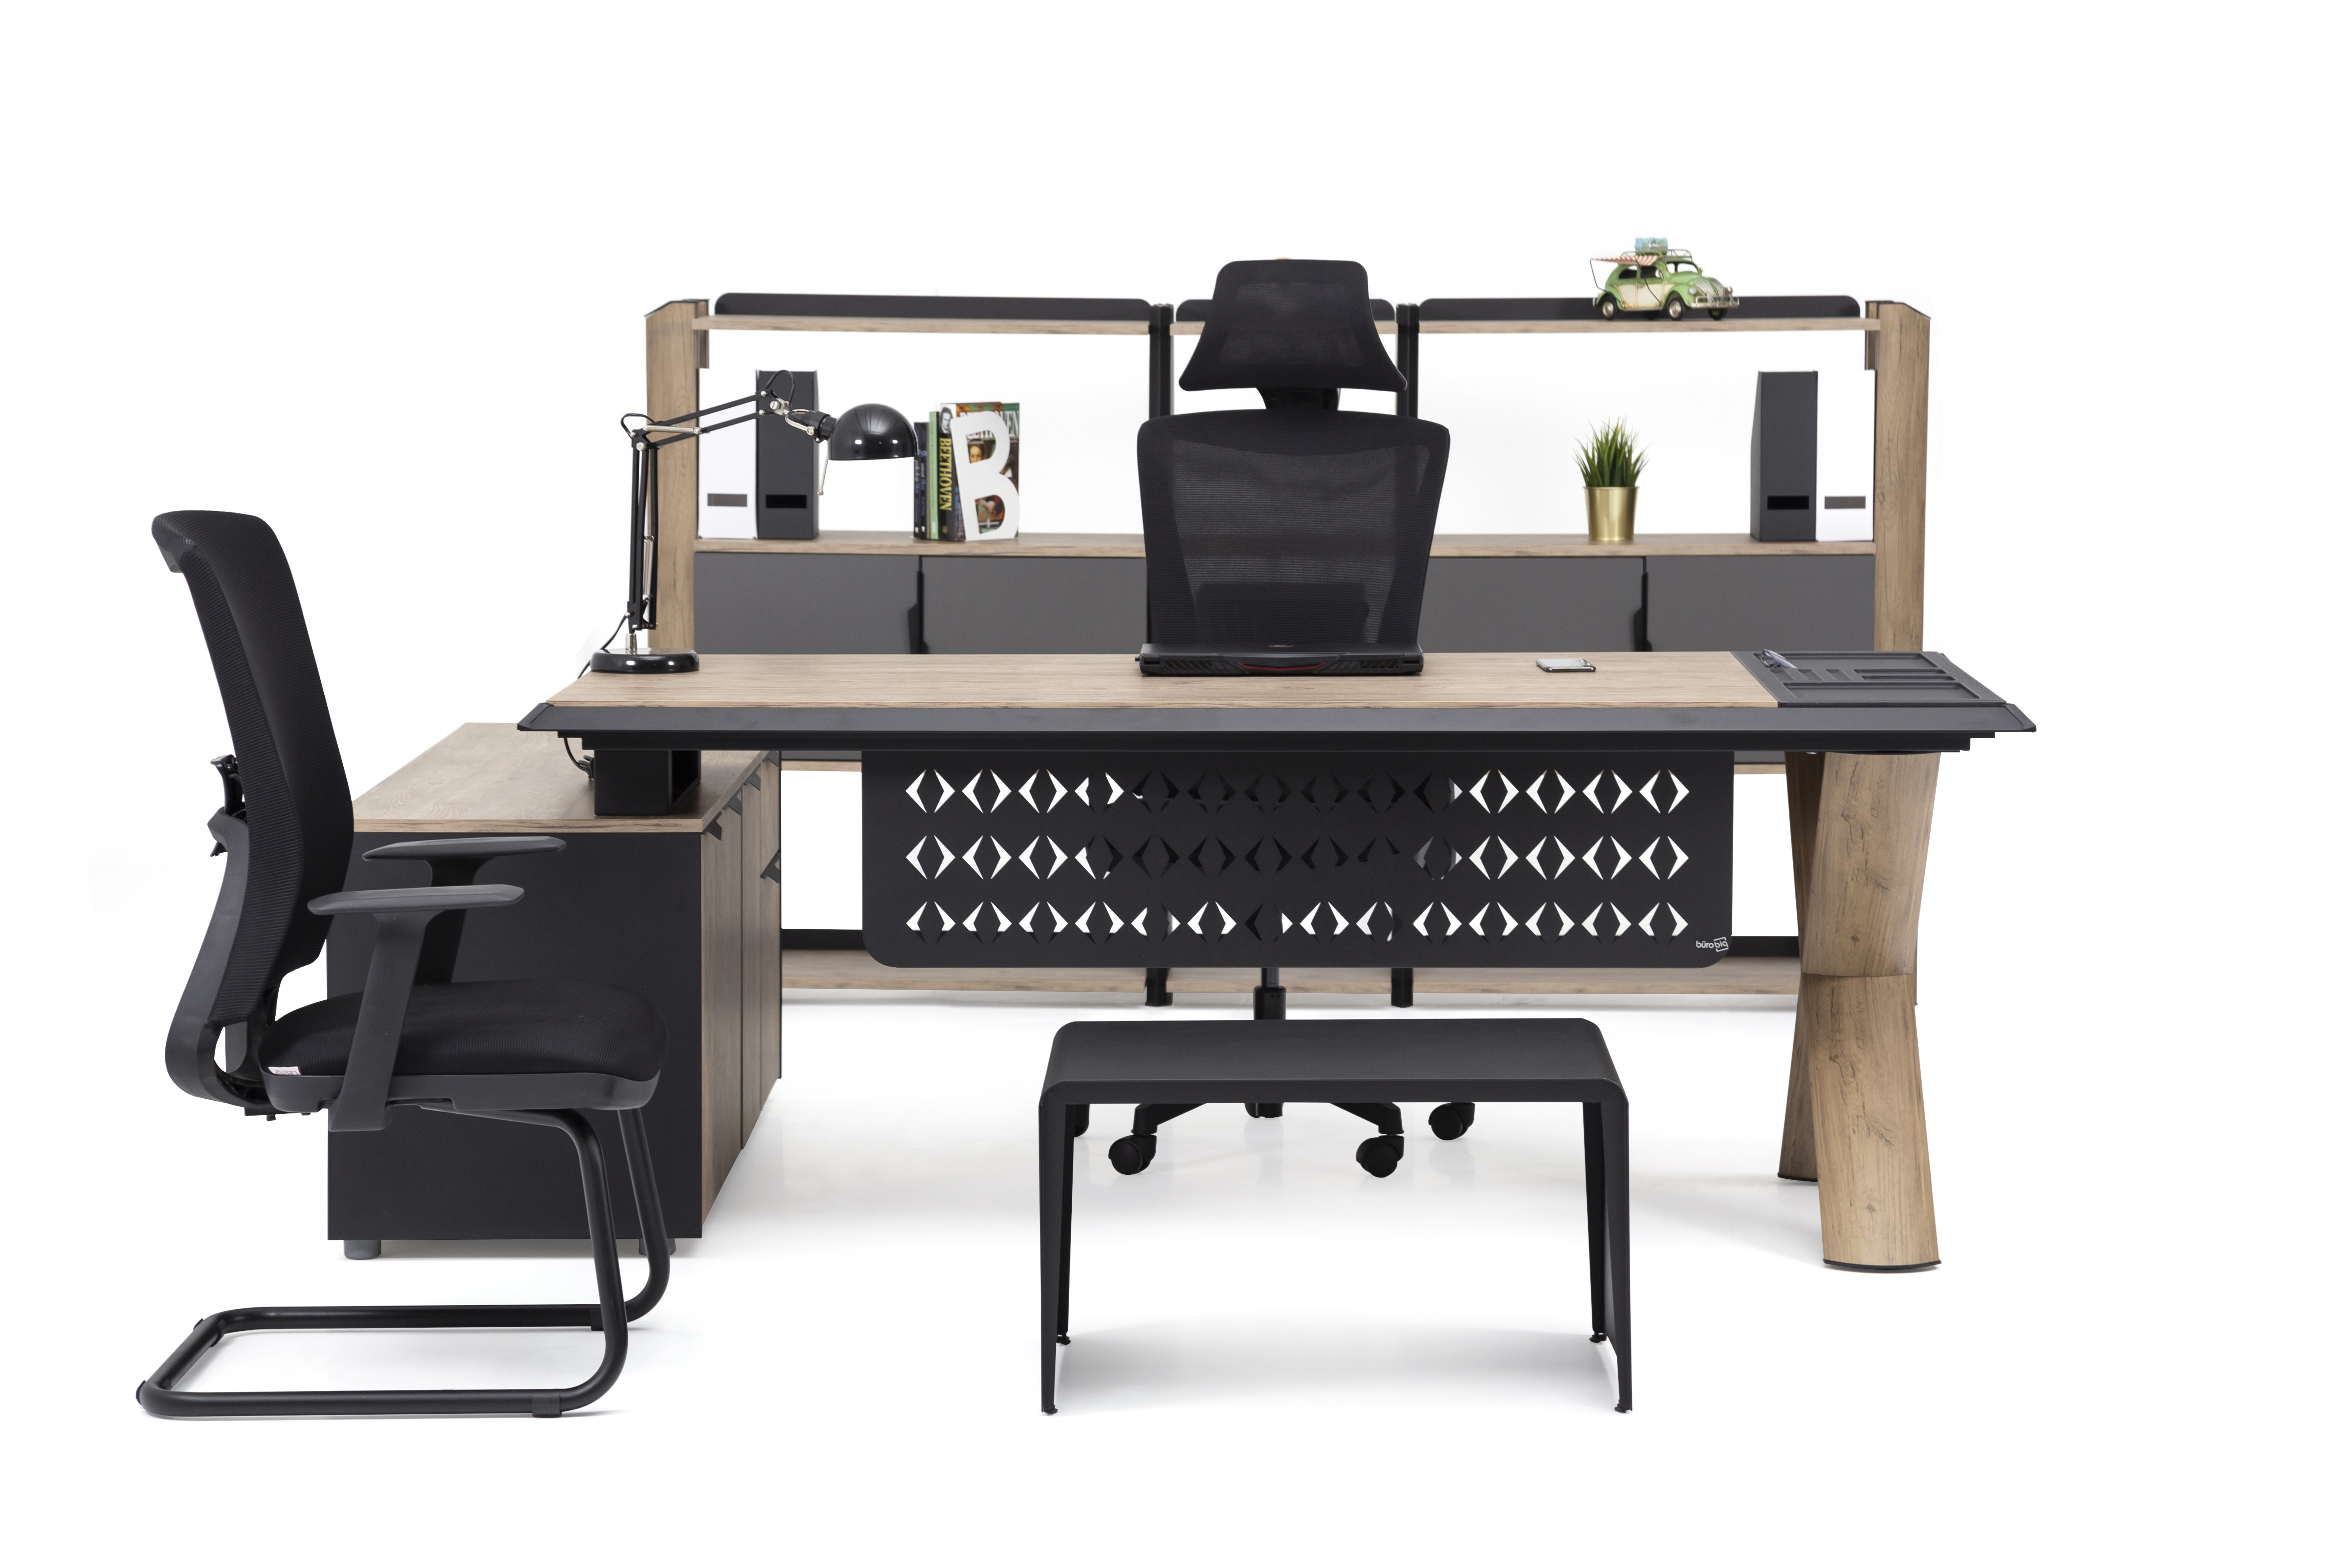 Ovali Büromöbel komplett 4-teilig Vinil 180x90 cm